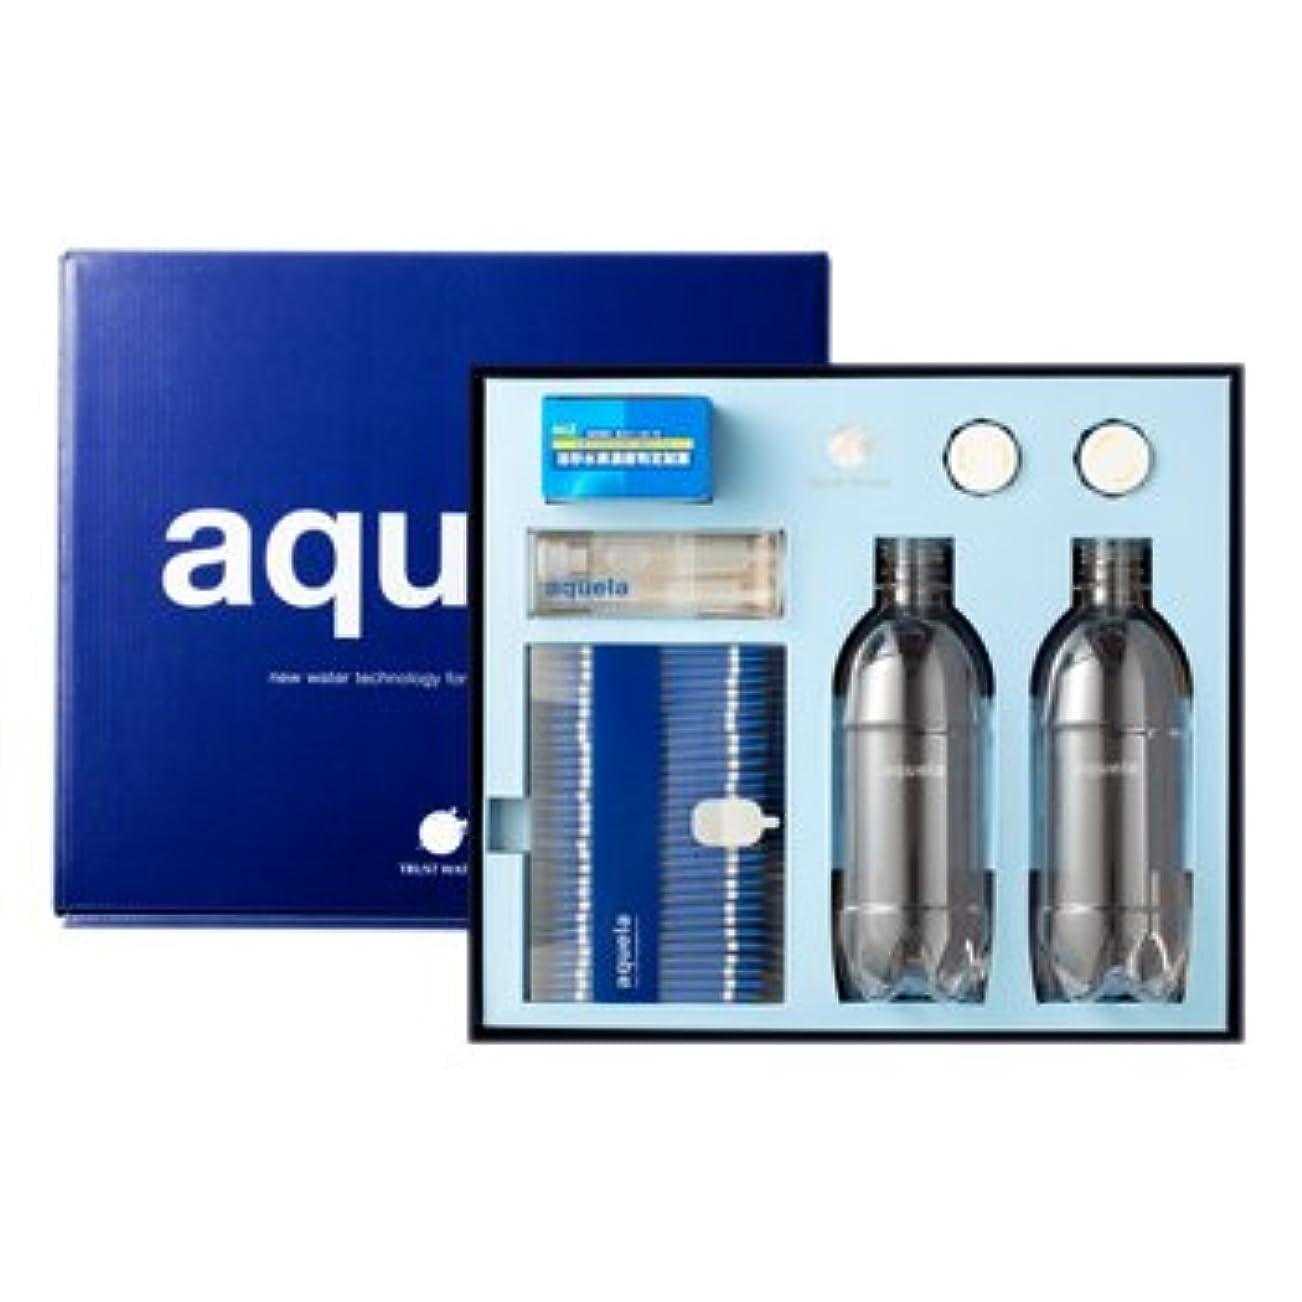 プログレッシブ町保証超高濃度水素水アキュエラ水素水7.0スターターSET